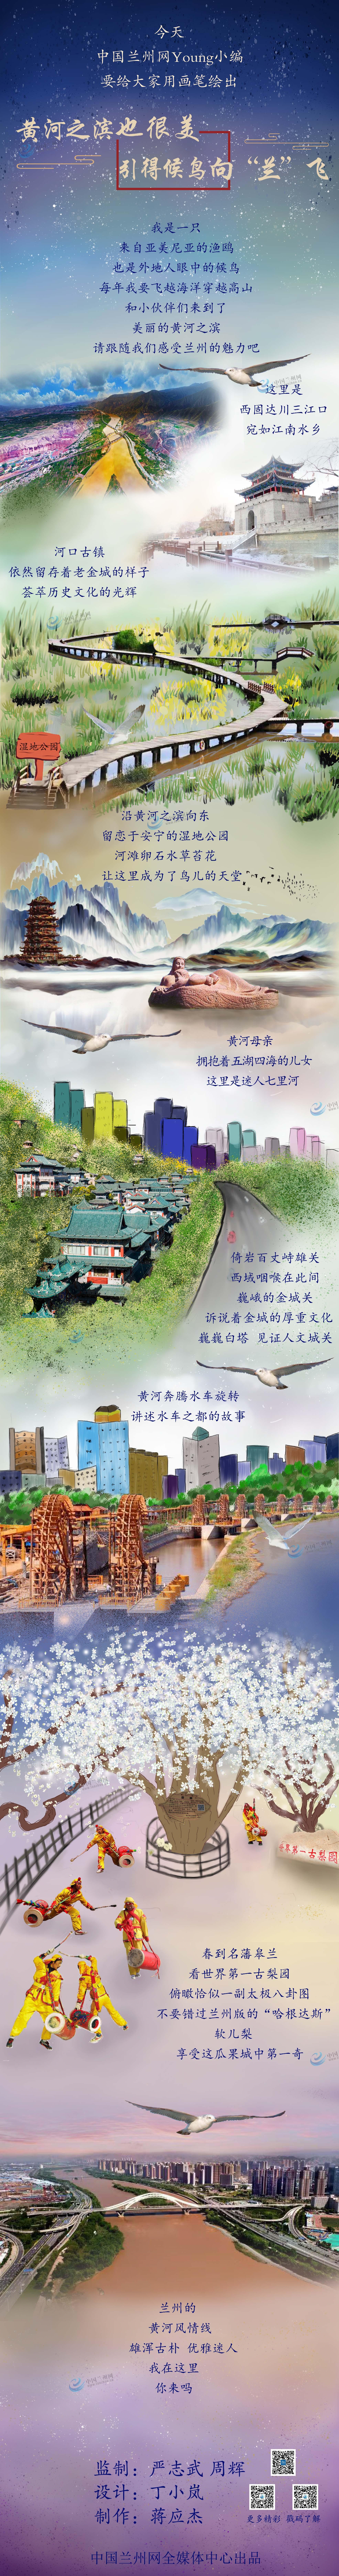 企业营业税【生态文明@湿地】黄河之滨也很美